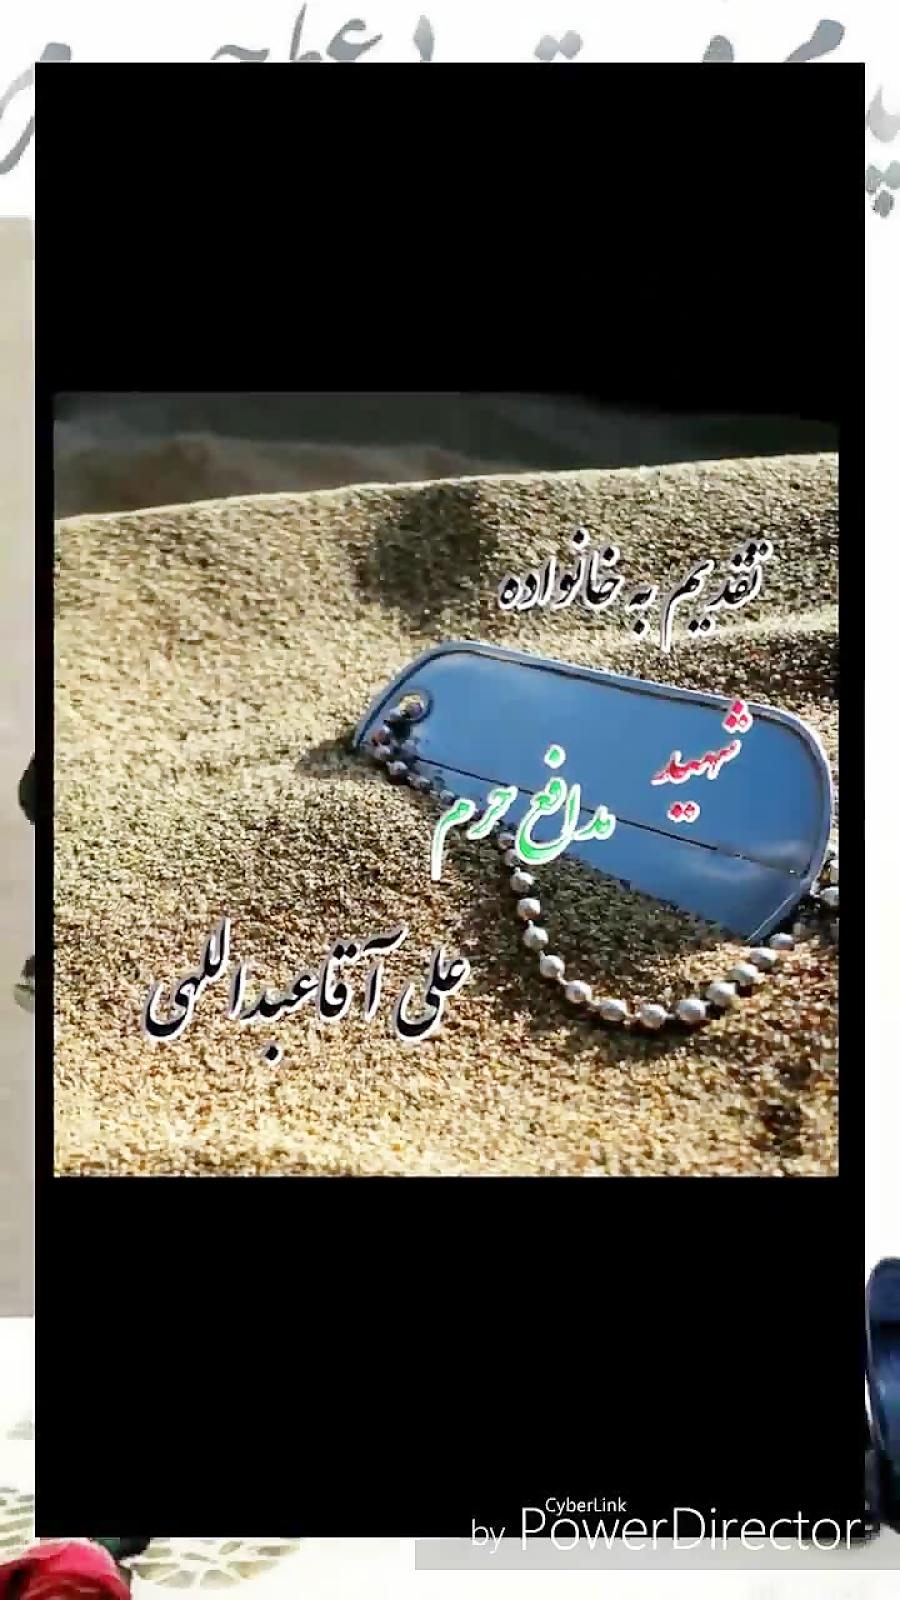 شهید علی آقا عبداللهی